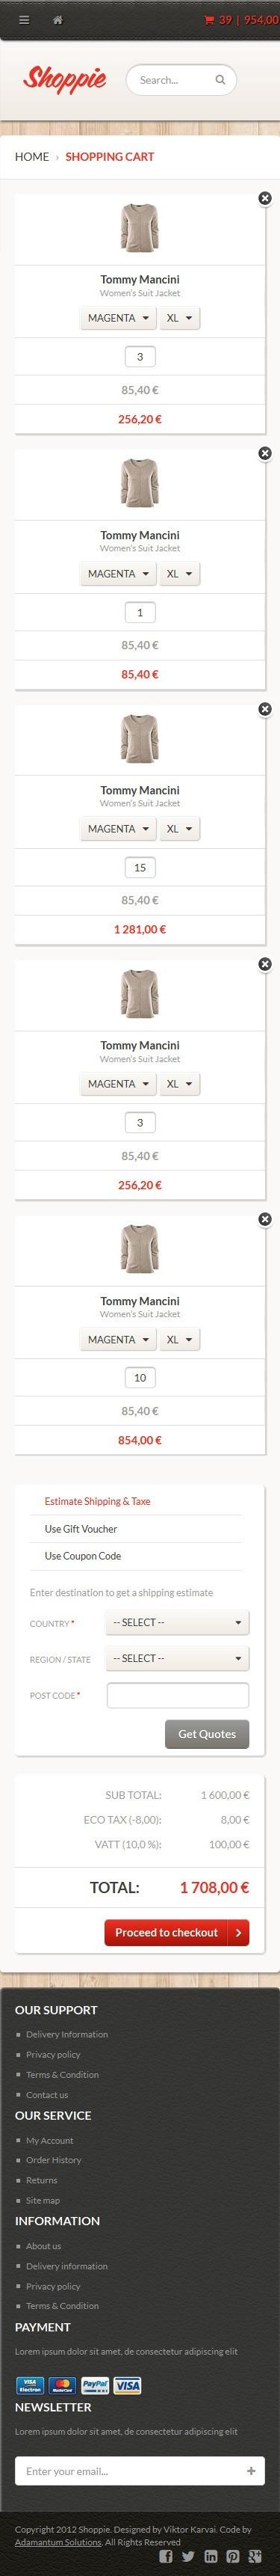 Shoppie - Responsive E-Shop HTML5 Template